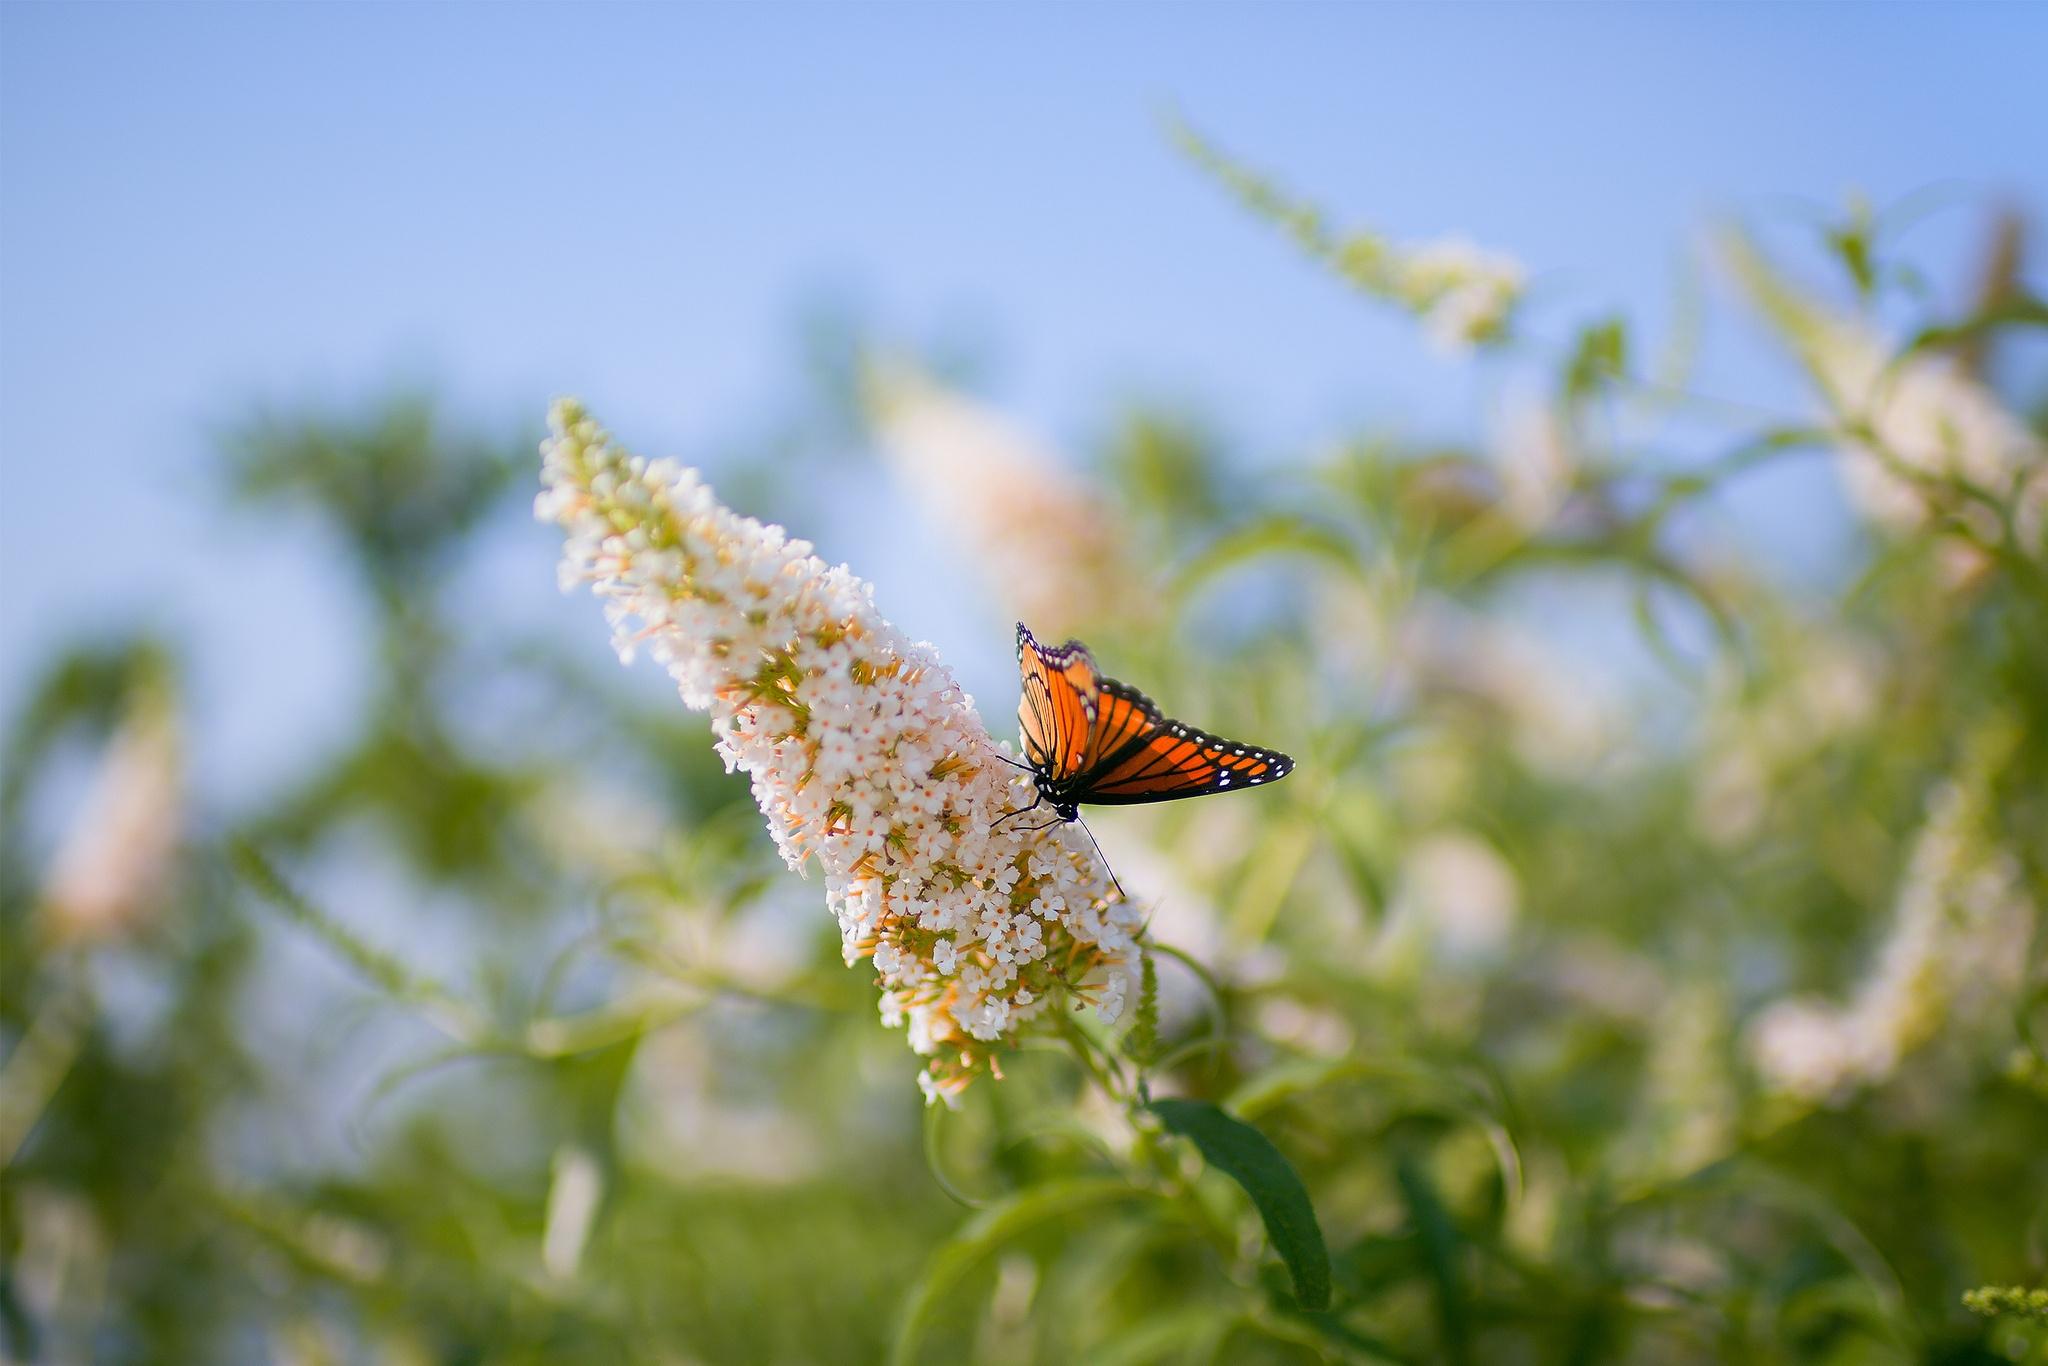 114916 скачать обои Животные, Бабочка, Листья, Трава, Насекомое, Узоры - заставки и картинки бесплатно